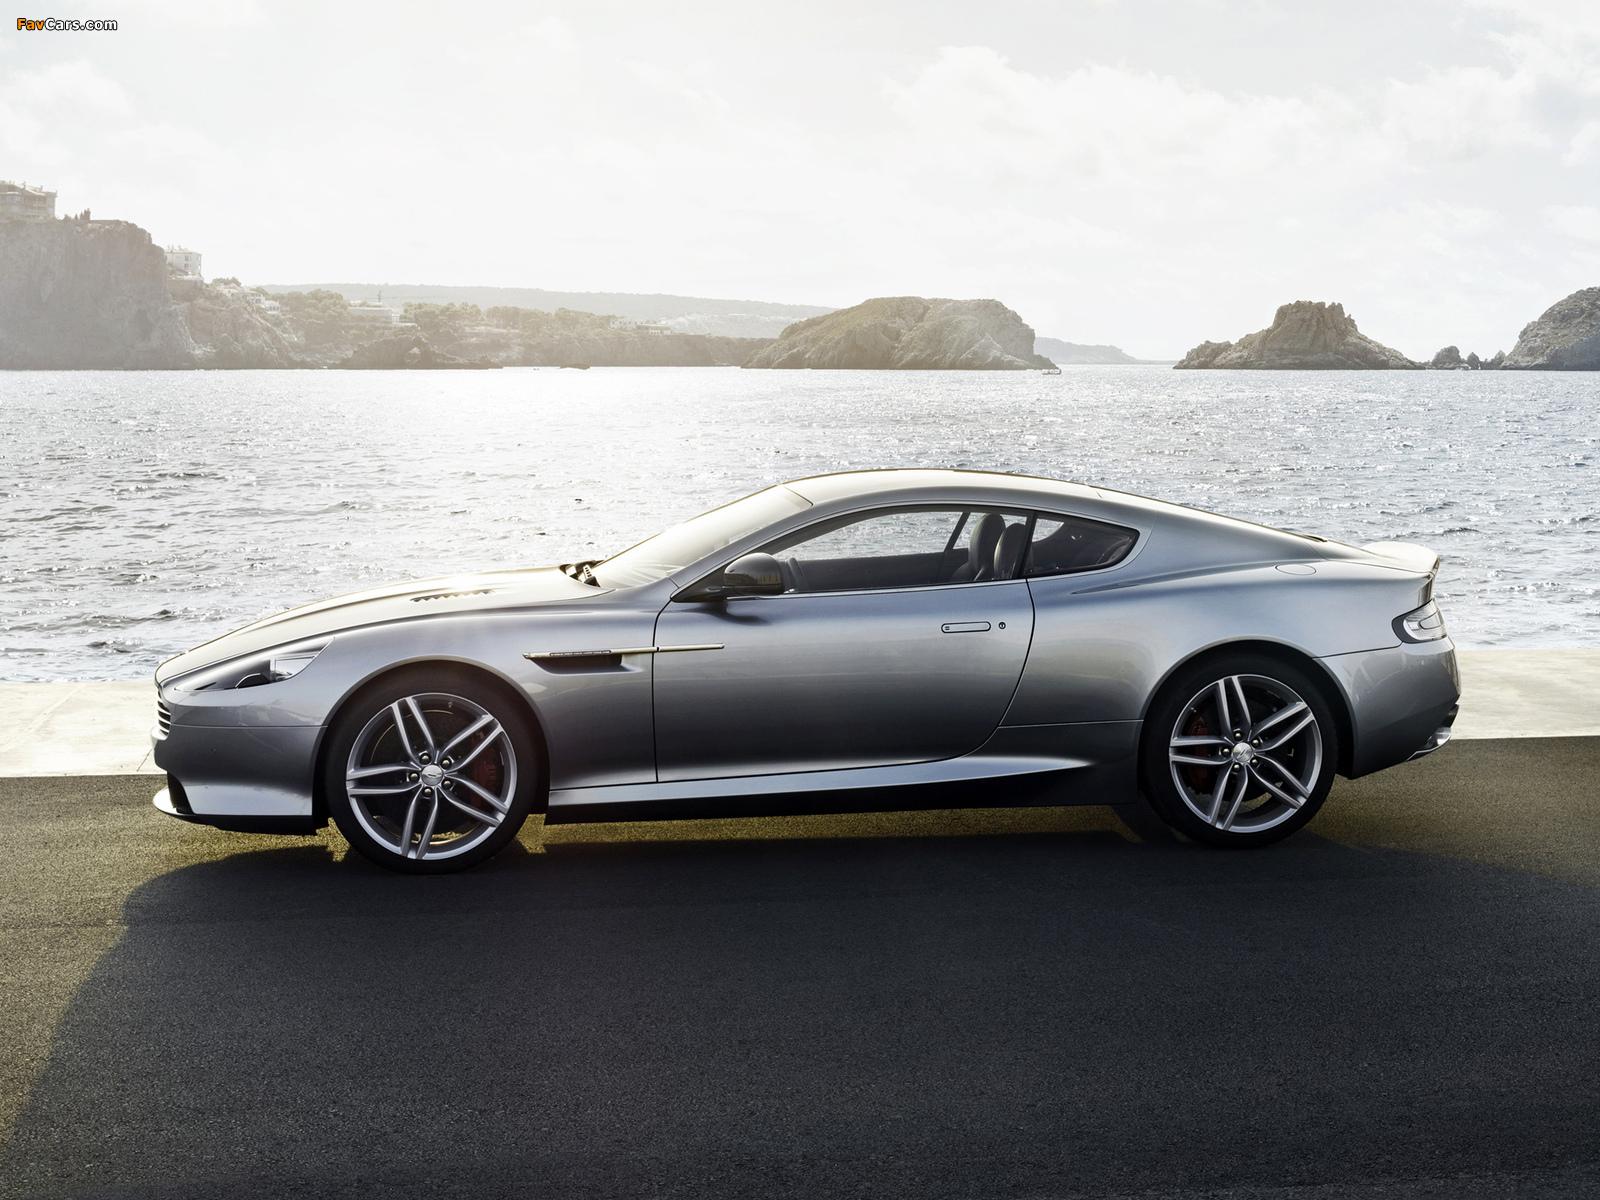 Aston Martin DB9 2012 photos